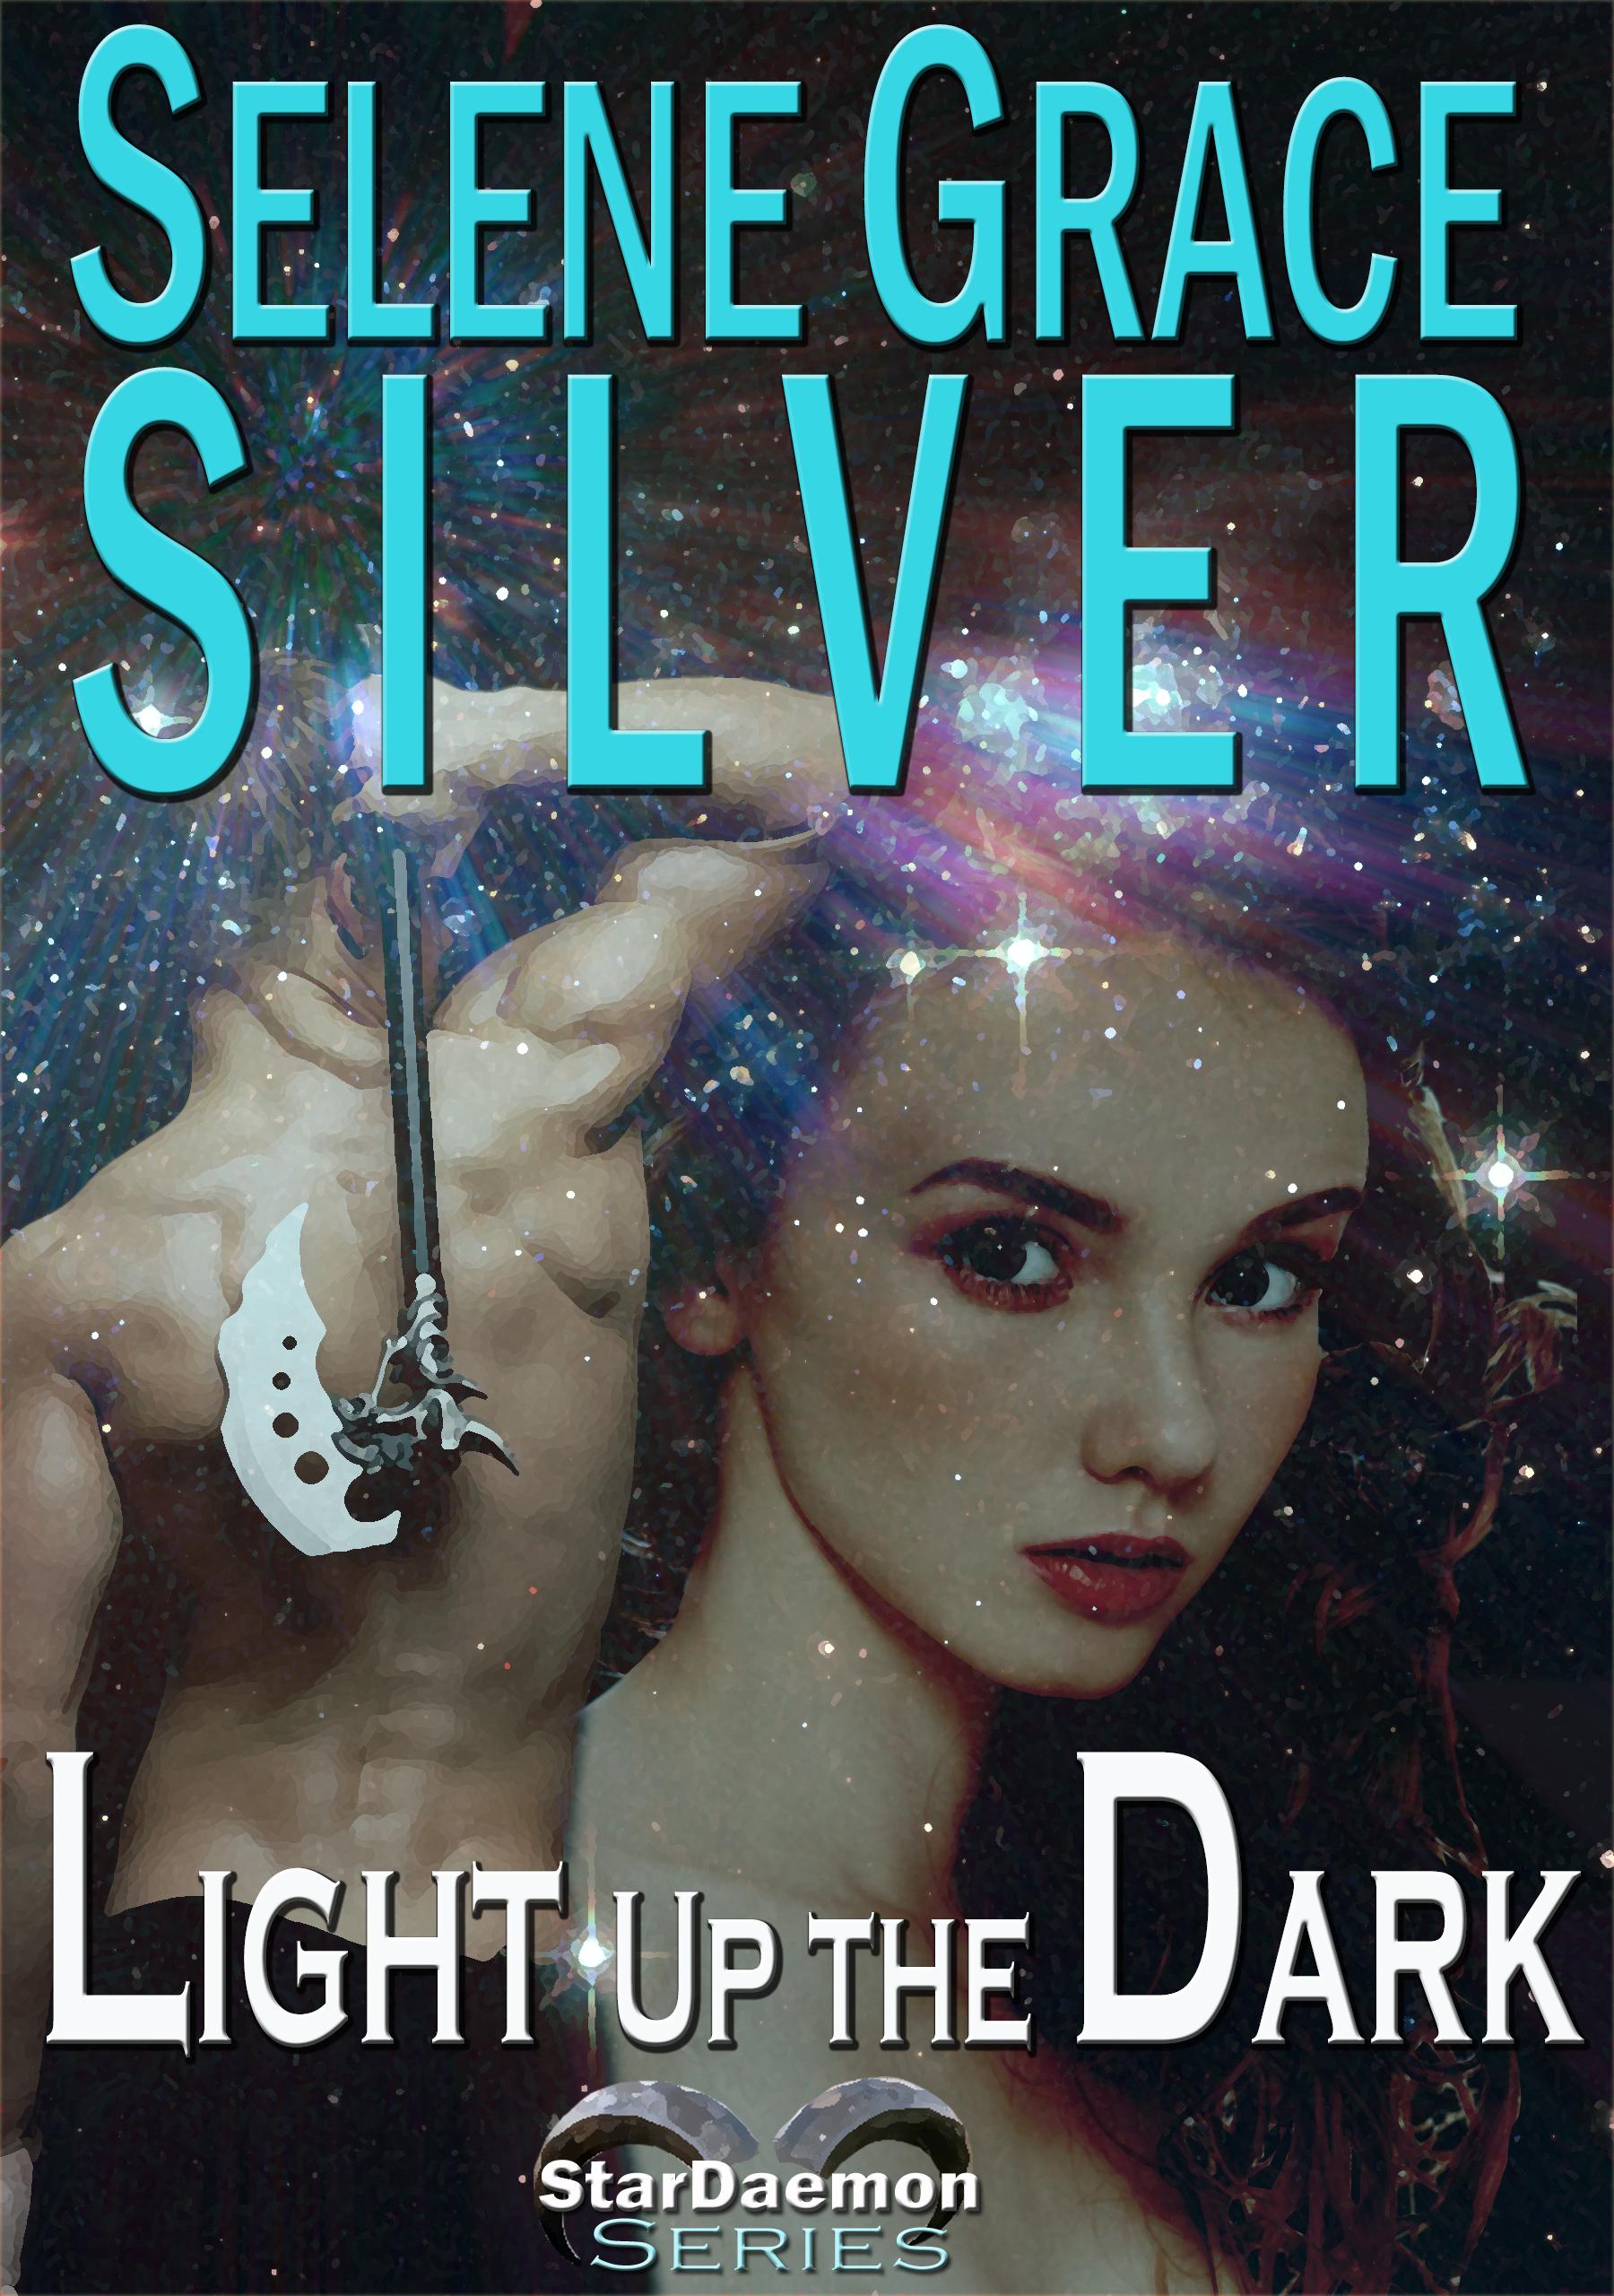 LightuptheDarkcover2